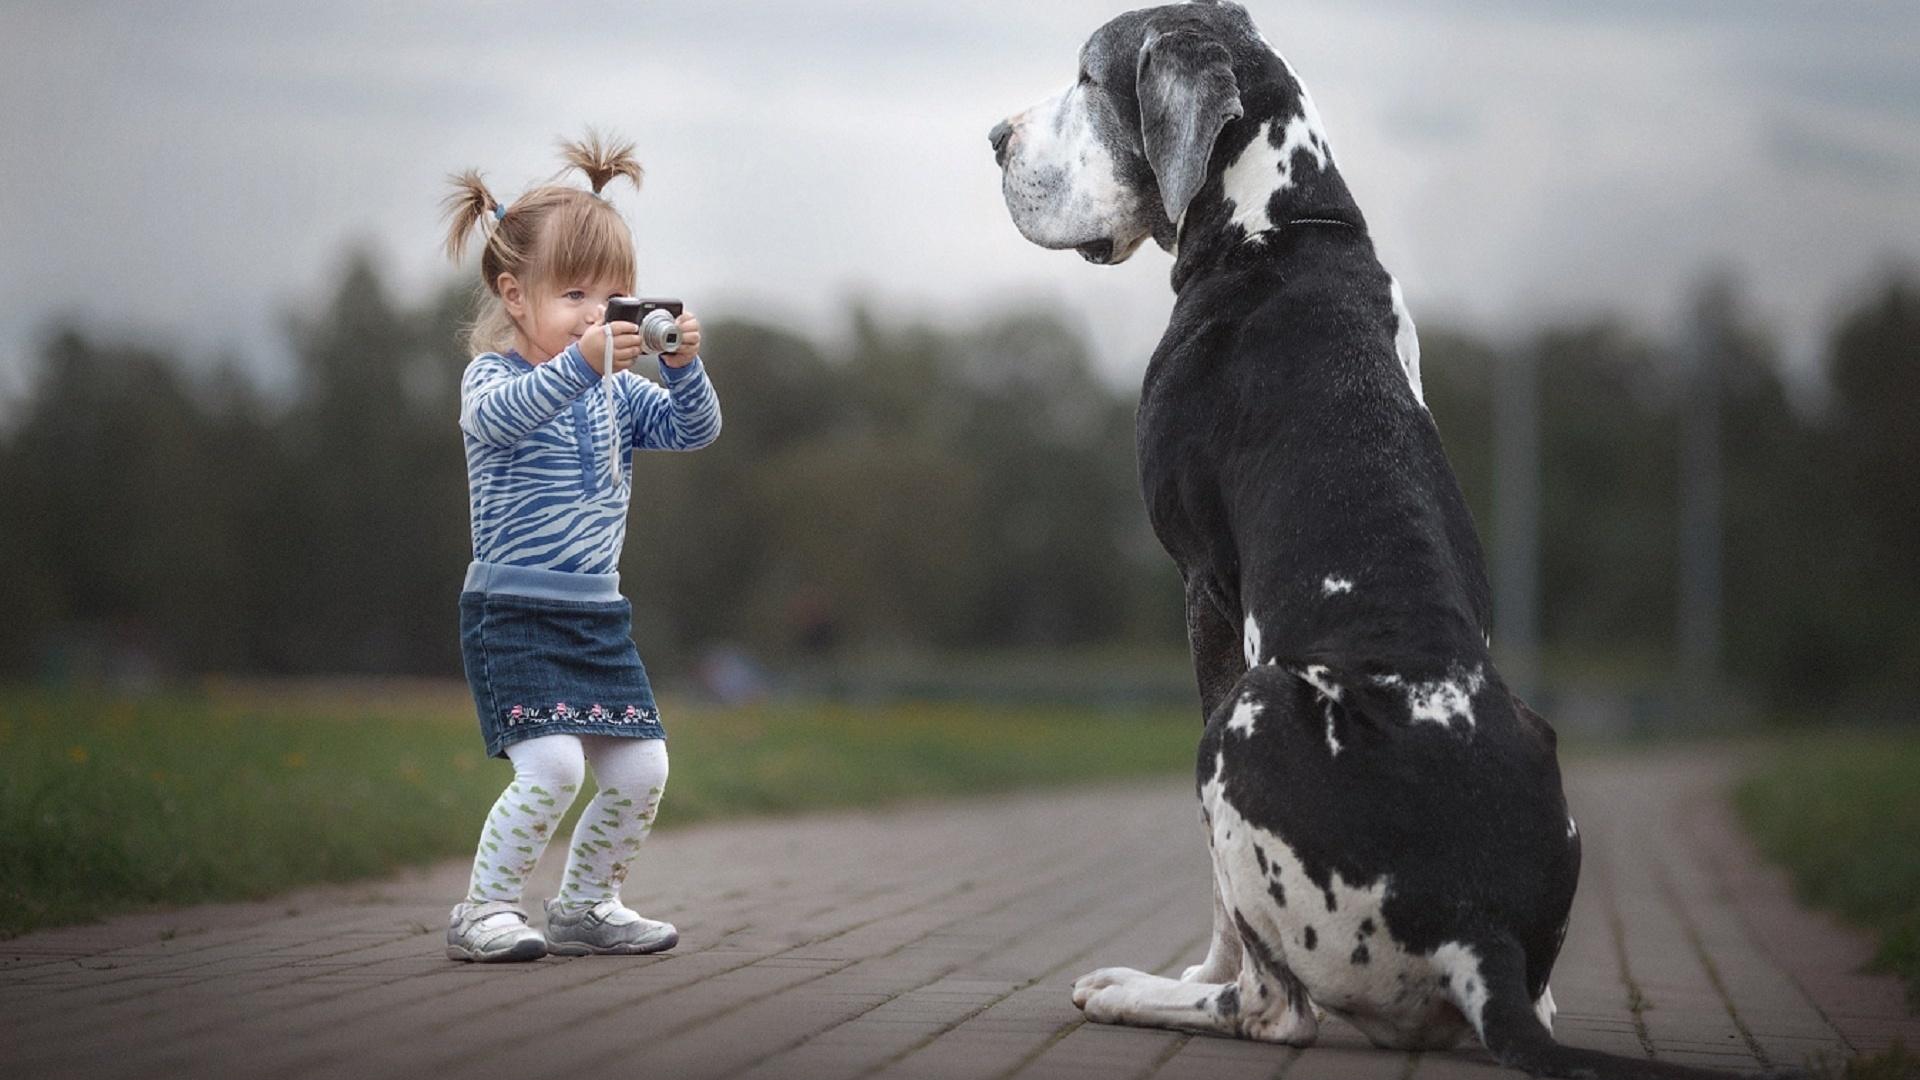 Вставлять фото, трогательные картинки с детьми